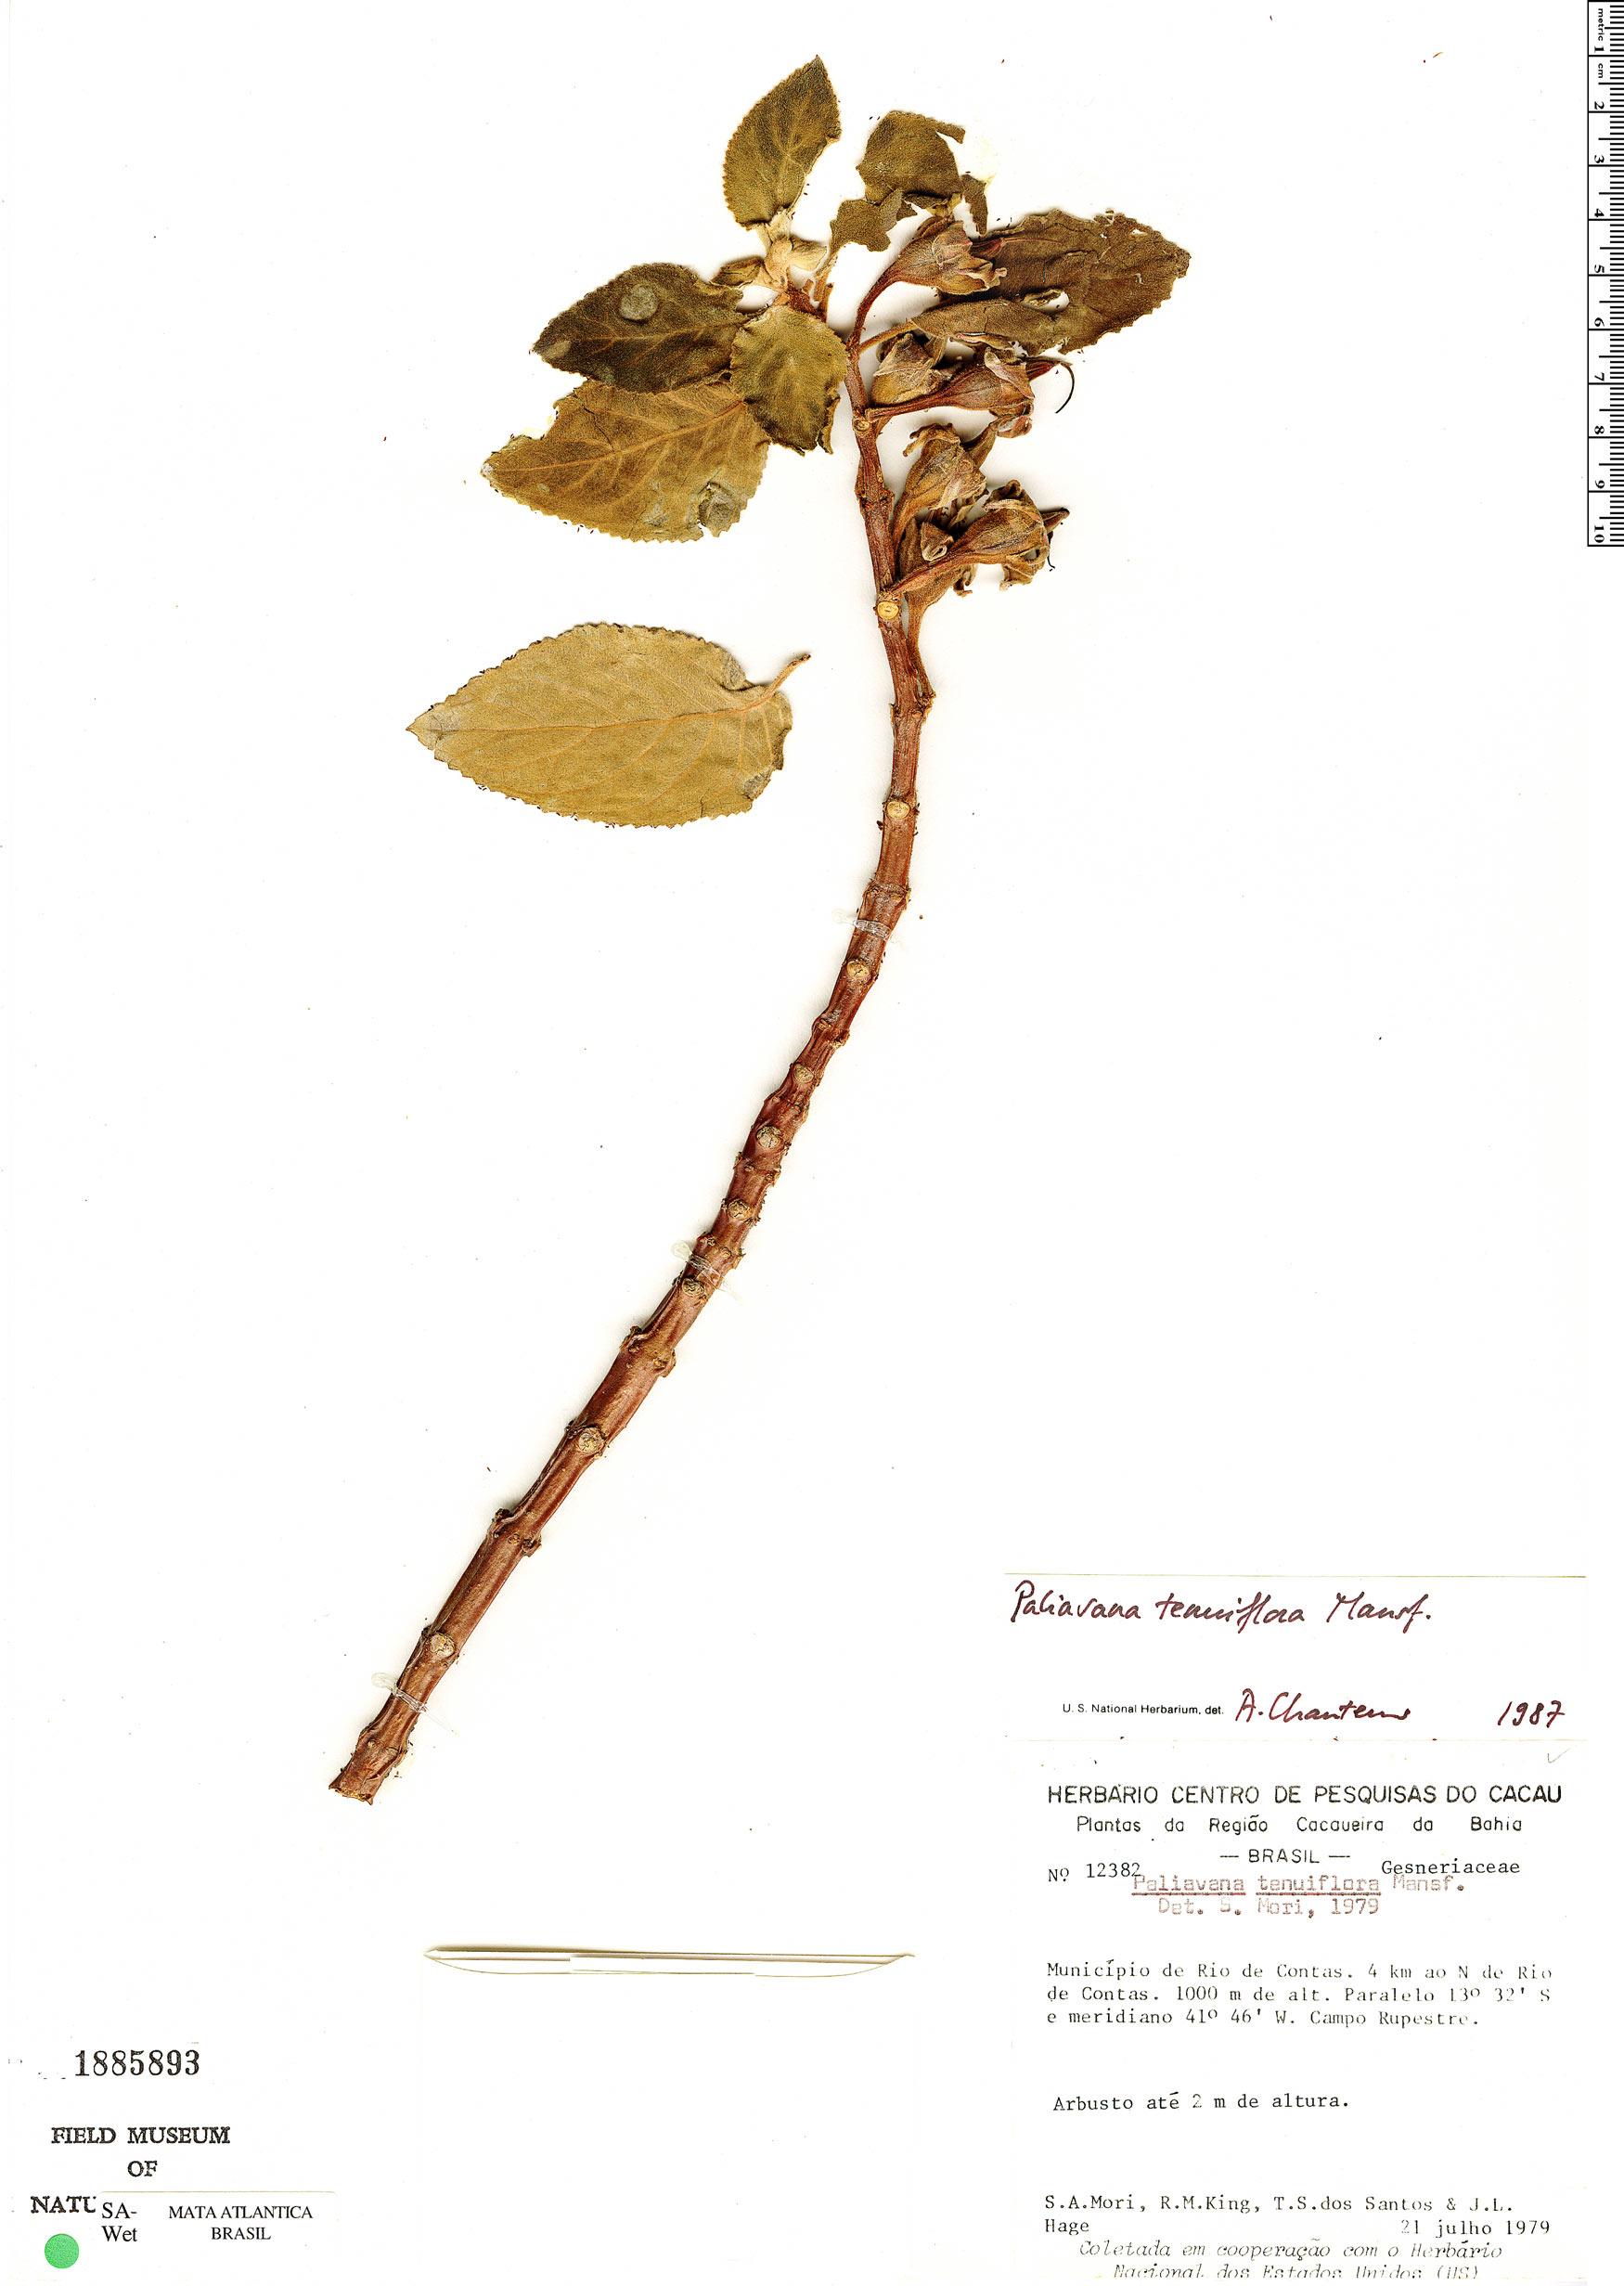 Specimen: Paliavana tenuiflora